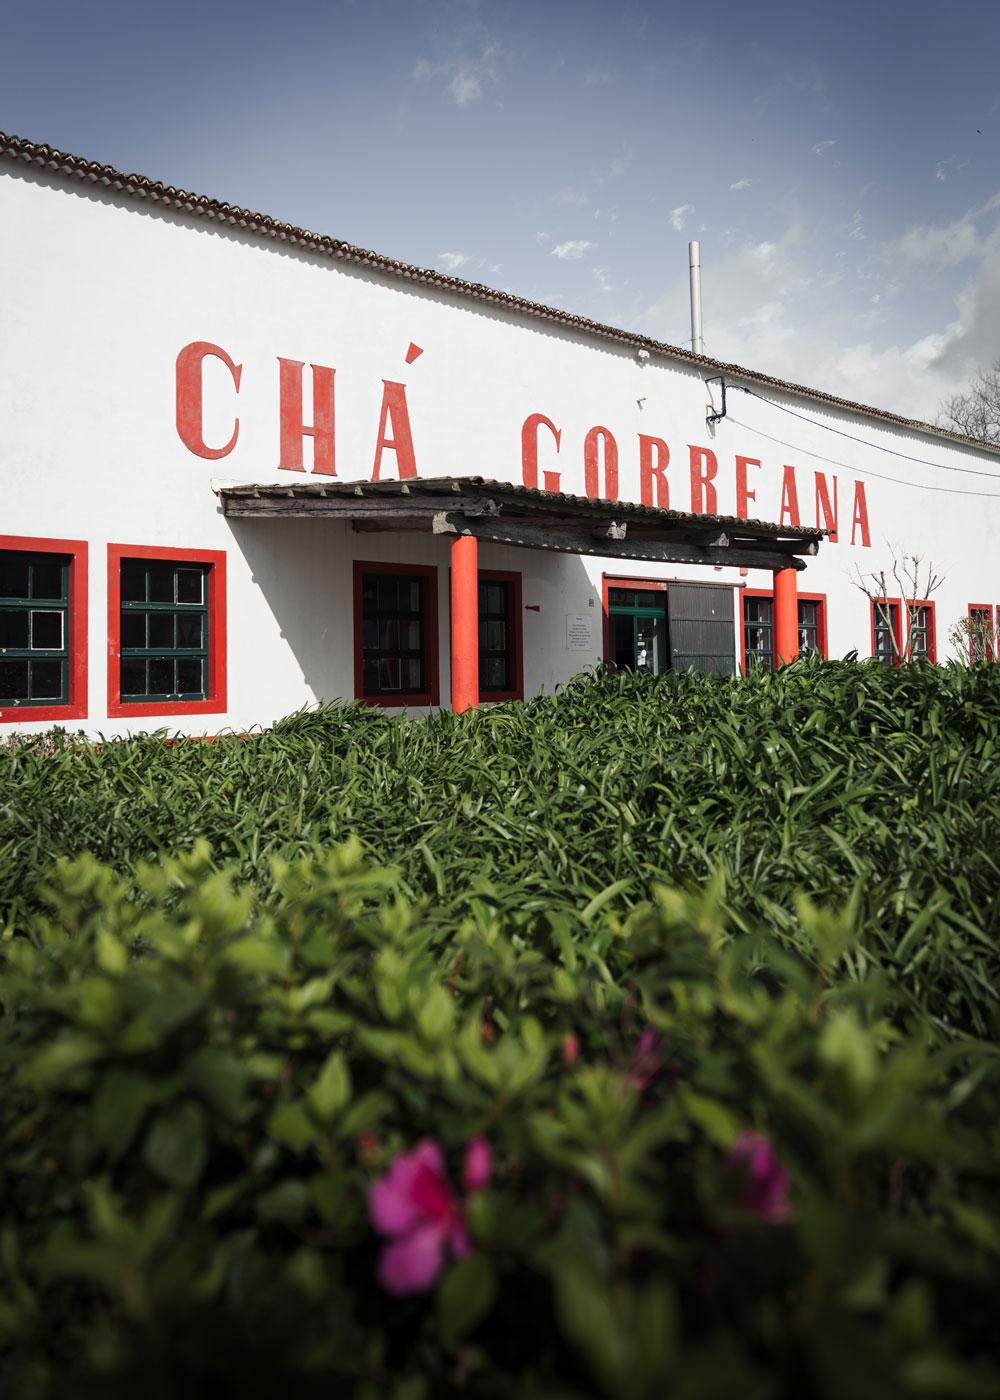 The Tea Plantation Cha Gorreana